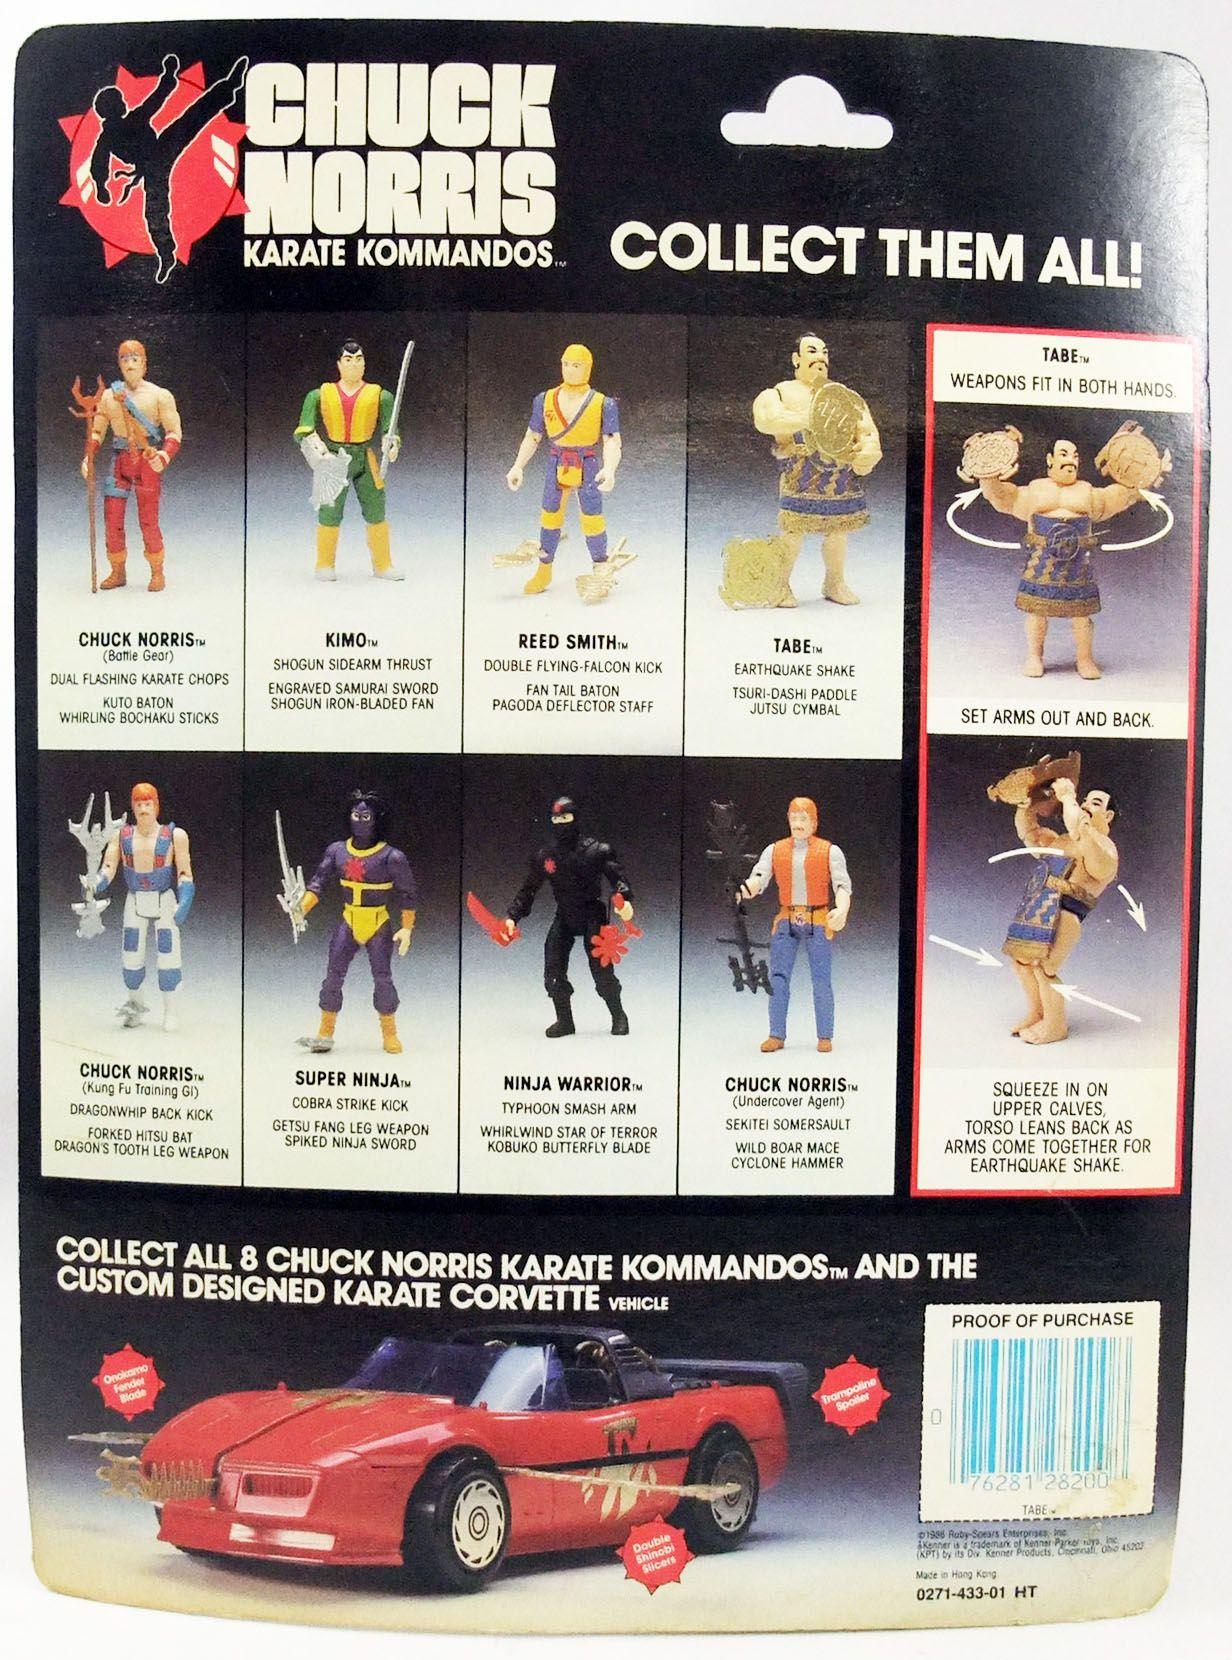 Chuck Norris Karate Kommandos - Kenner - Tabe